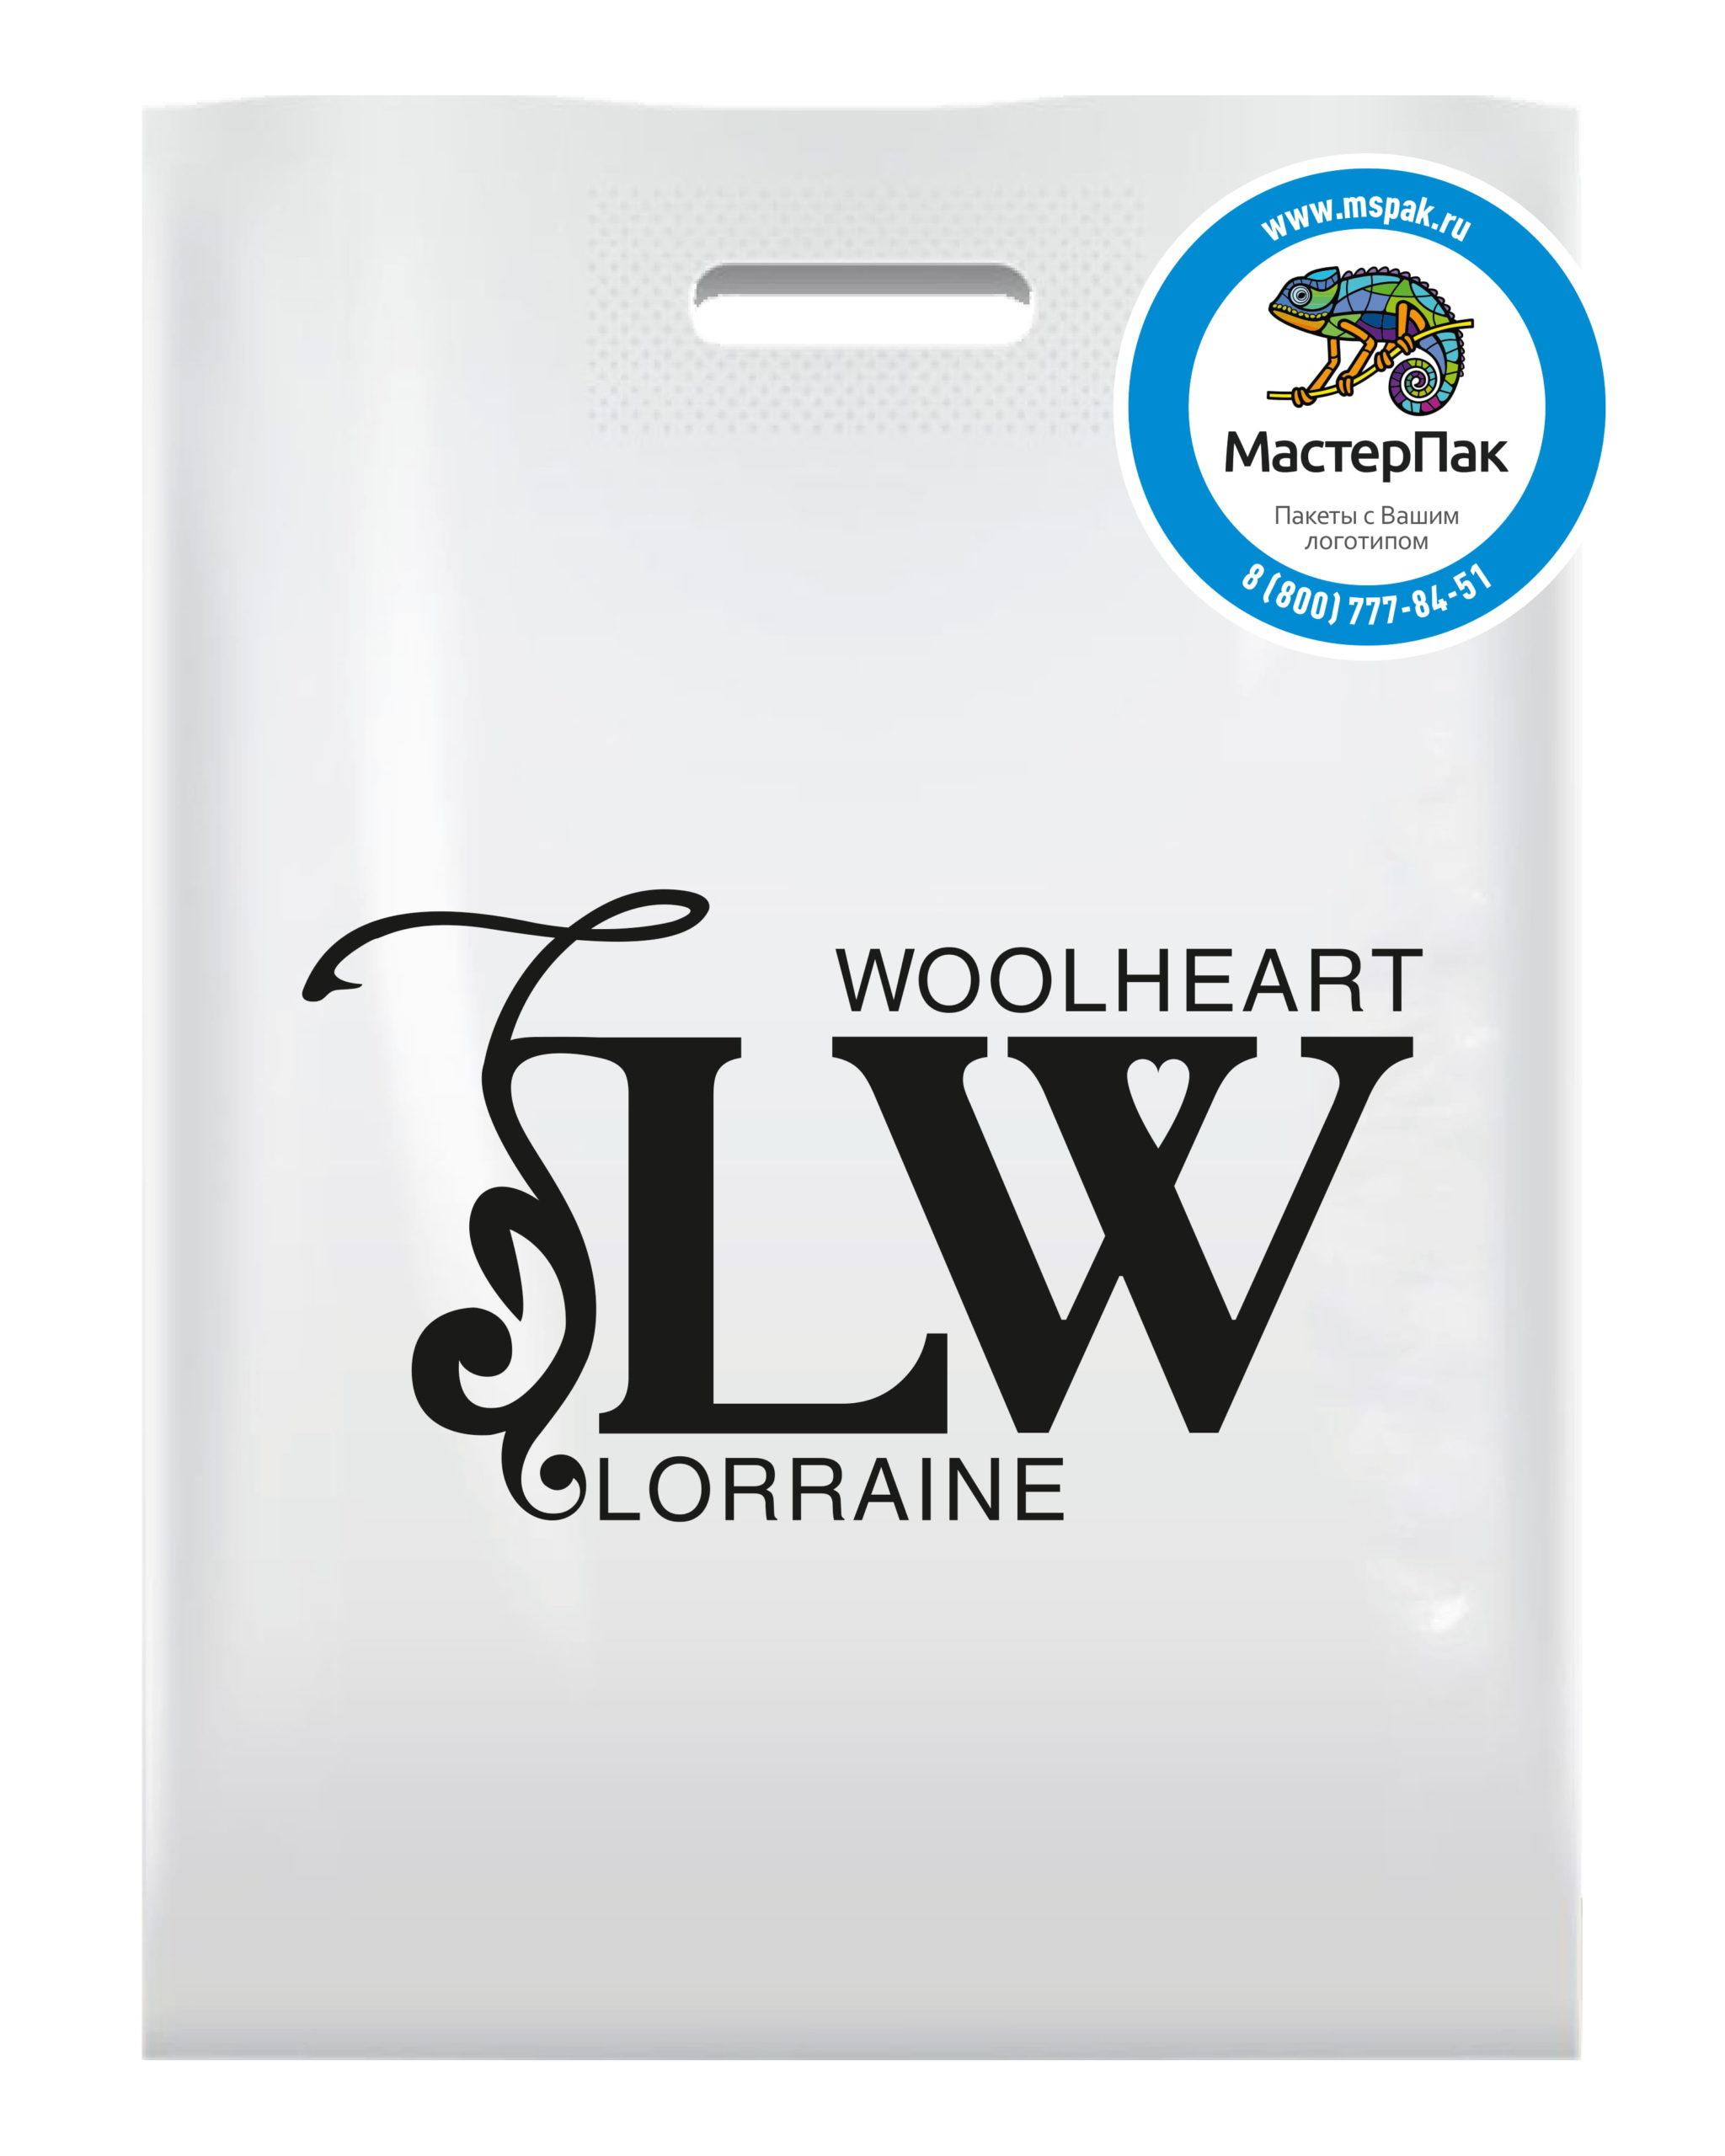 Пакет ПВД с вырубной ручкой и логотипом Lorraine Woolheart, Москва